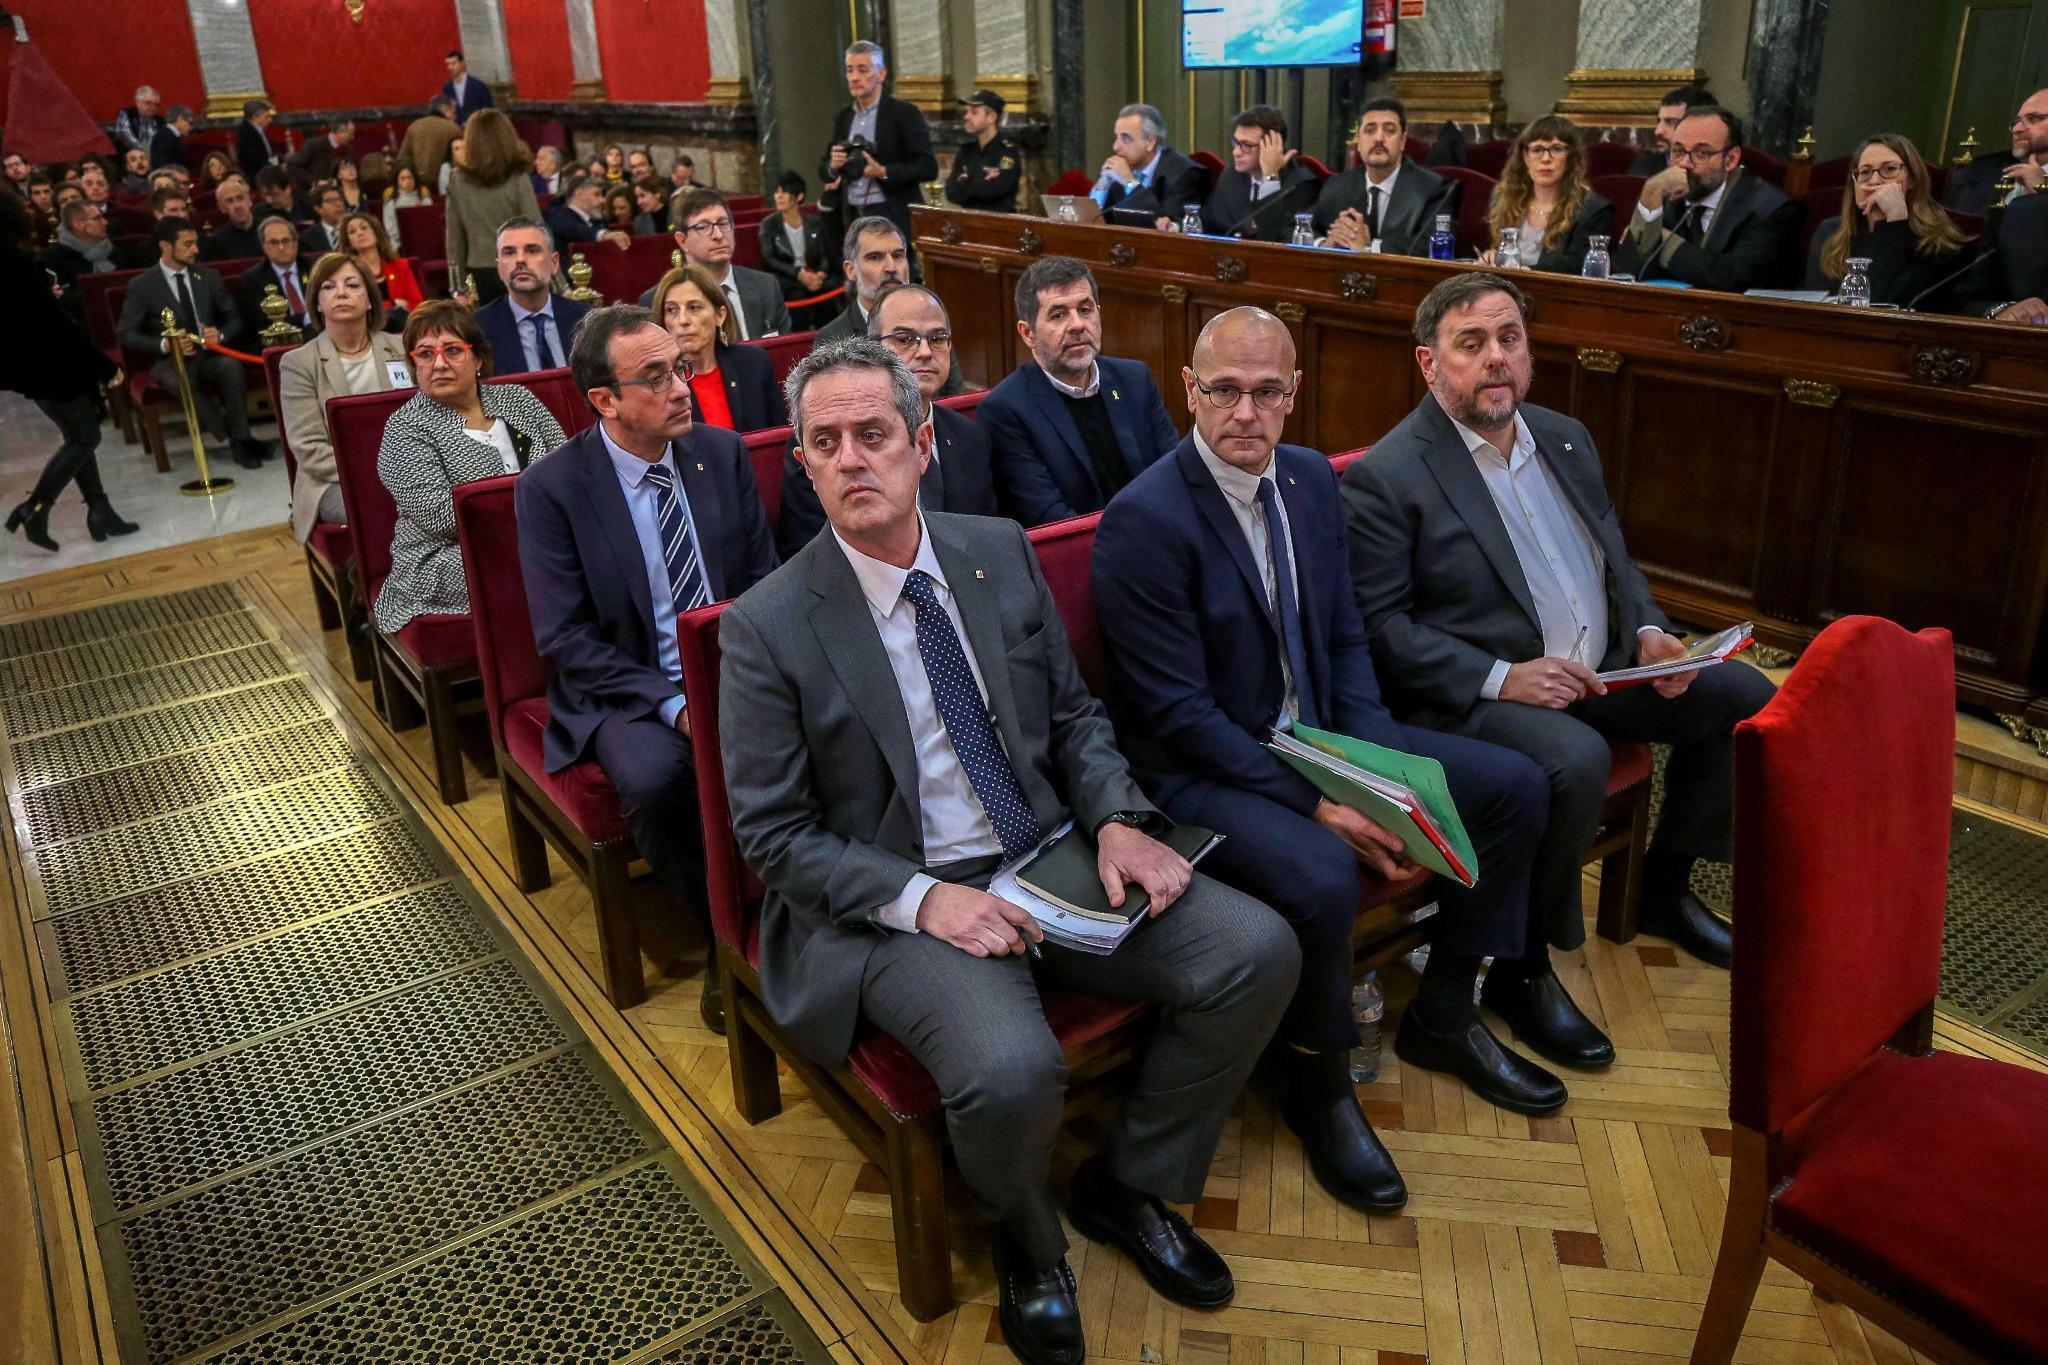 Kataloniens Separatistenführer wegen Aufruhrs schuldig gesprochen